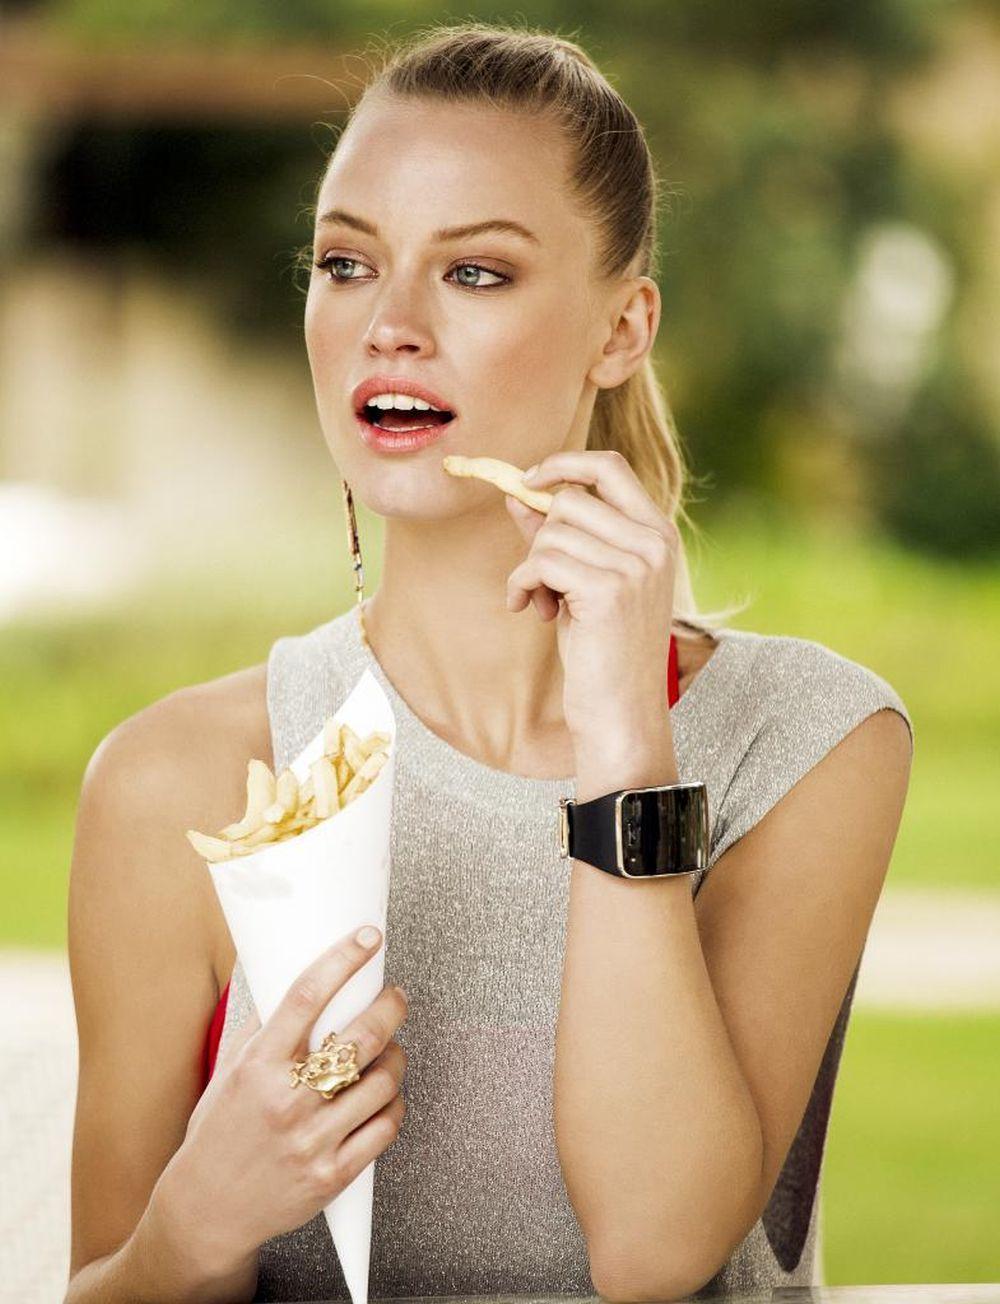 Elimina de tu dieta el exceso de sal y azúcar.